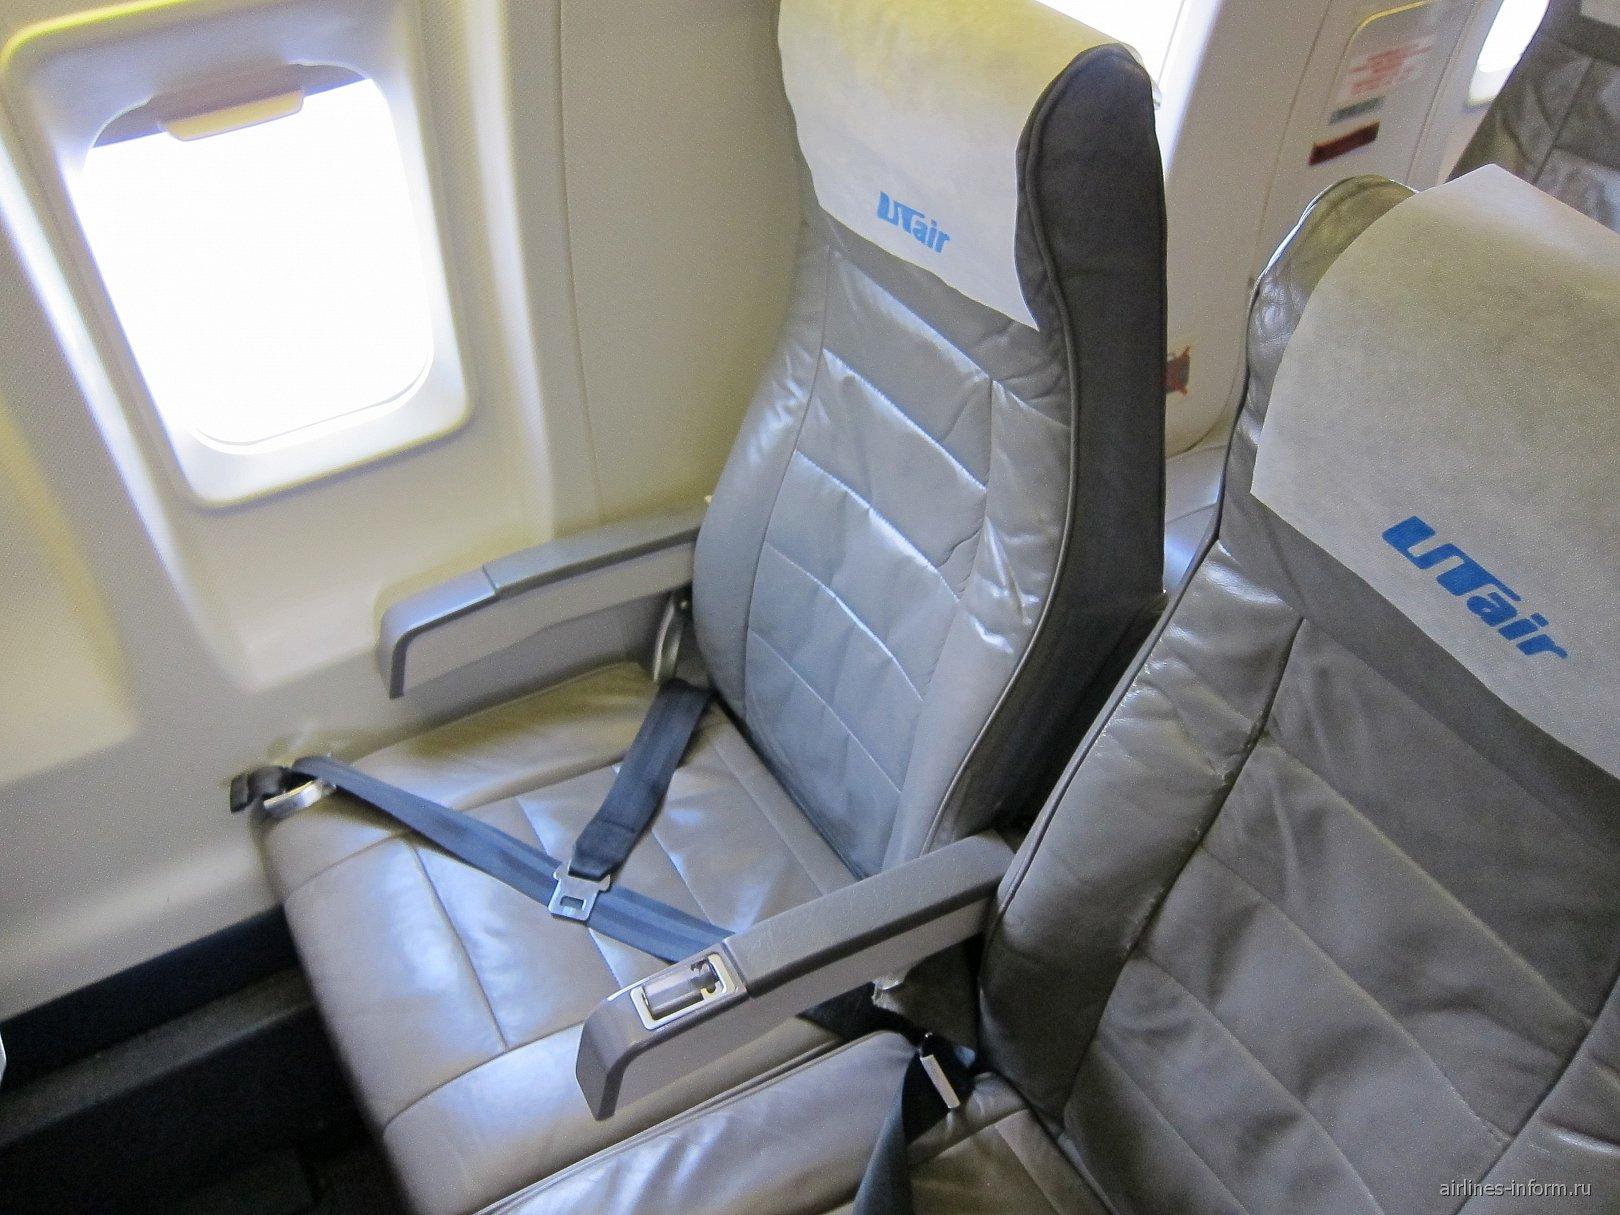 Пассажирские кресла в самолете Bombardier CRJ200 авиакомпании UTair